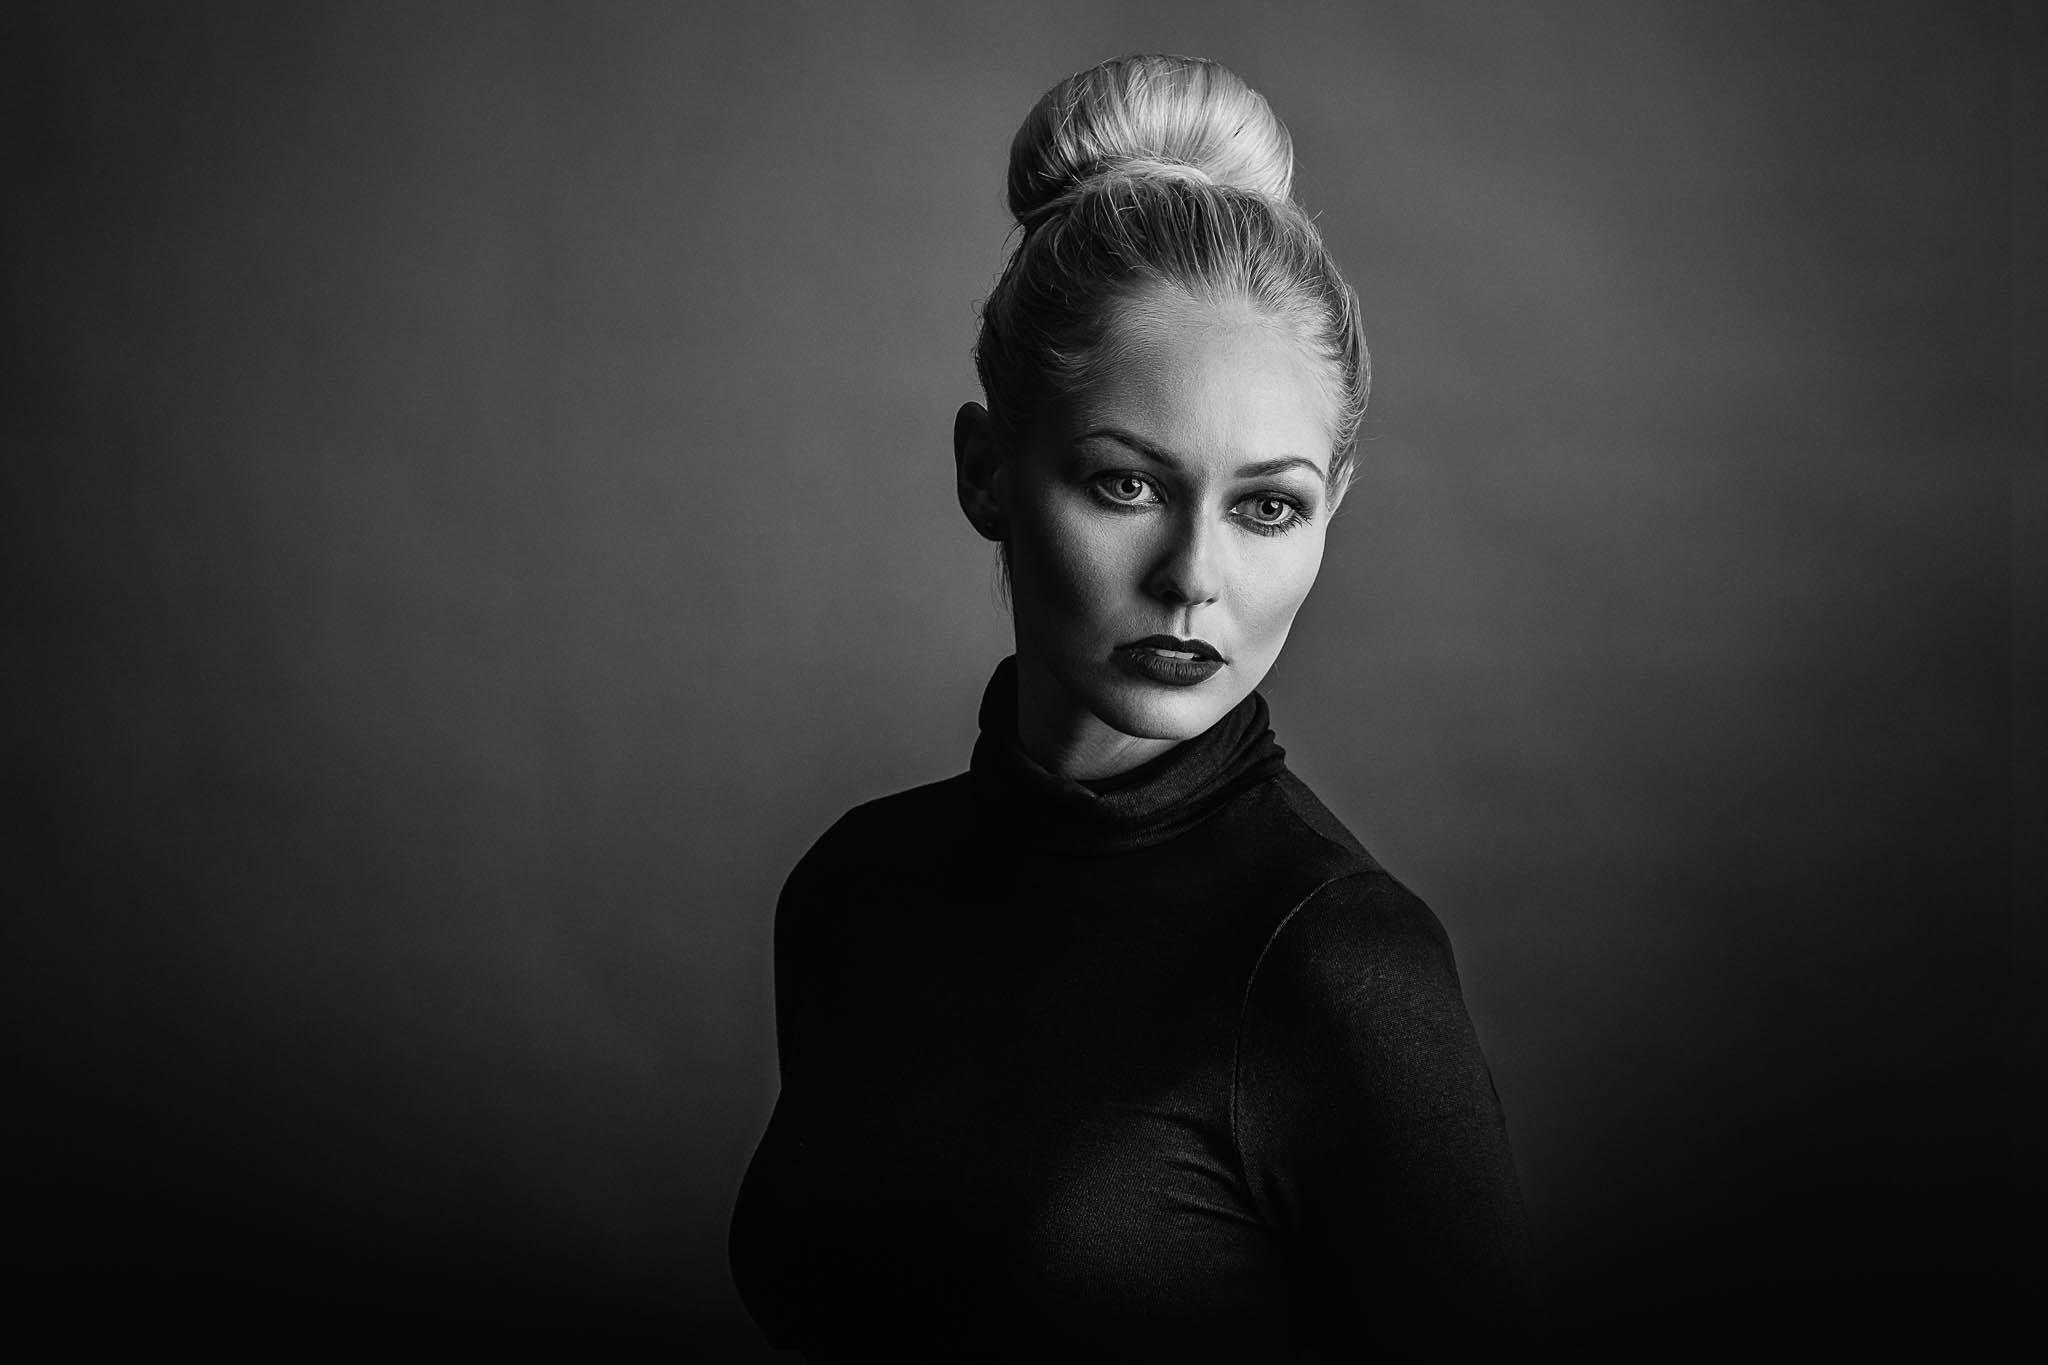 Klaudia Parsberg